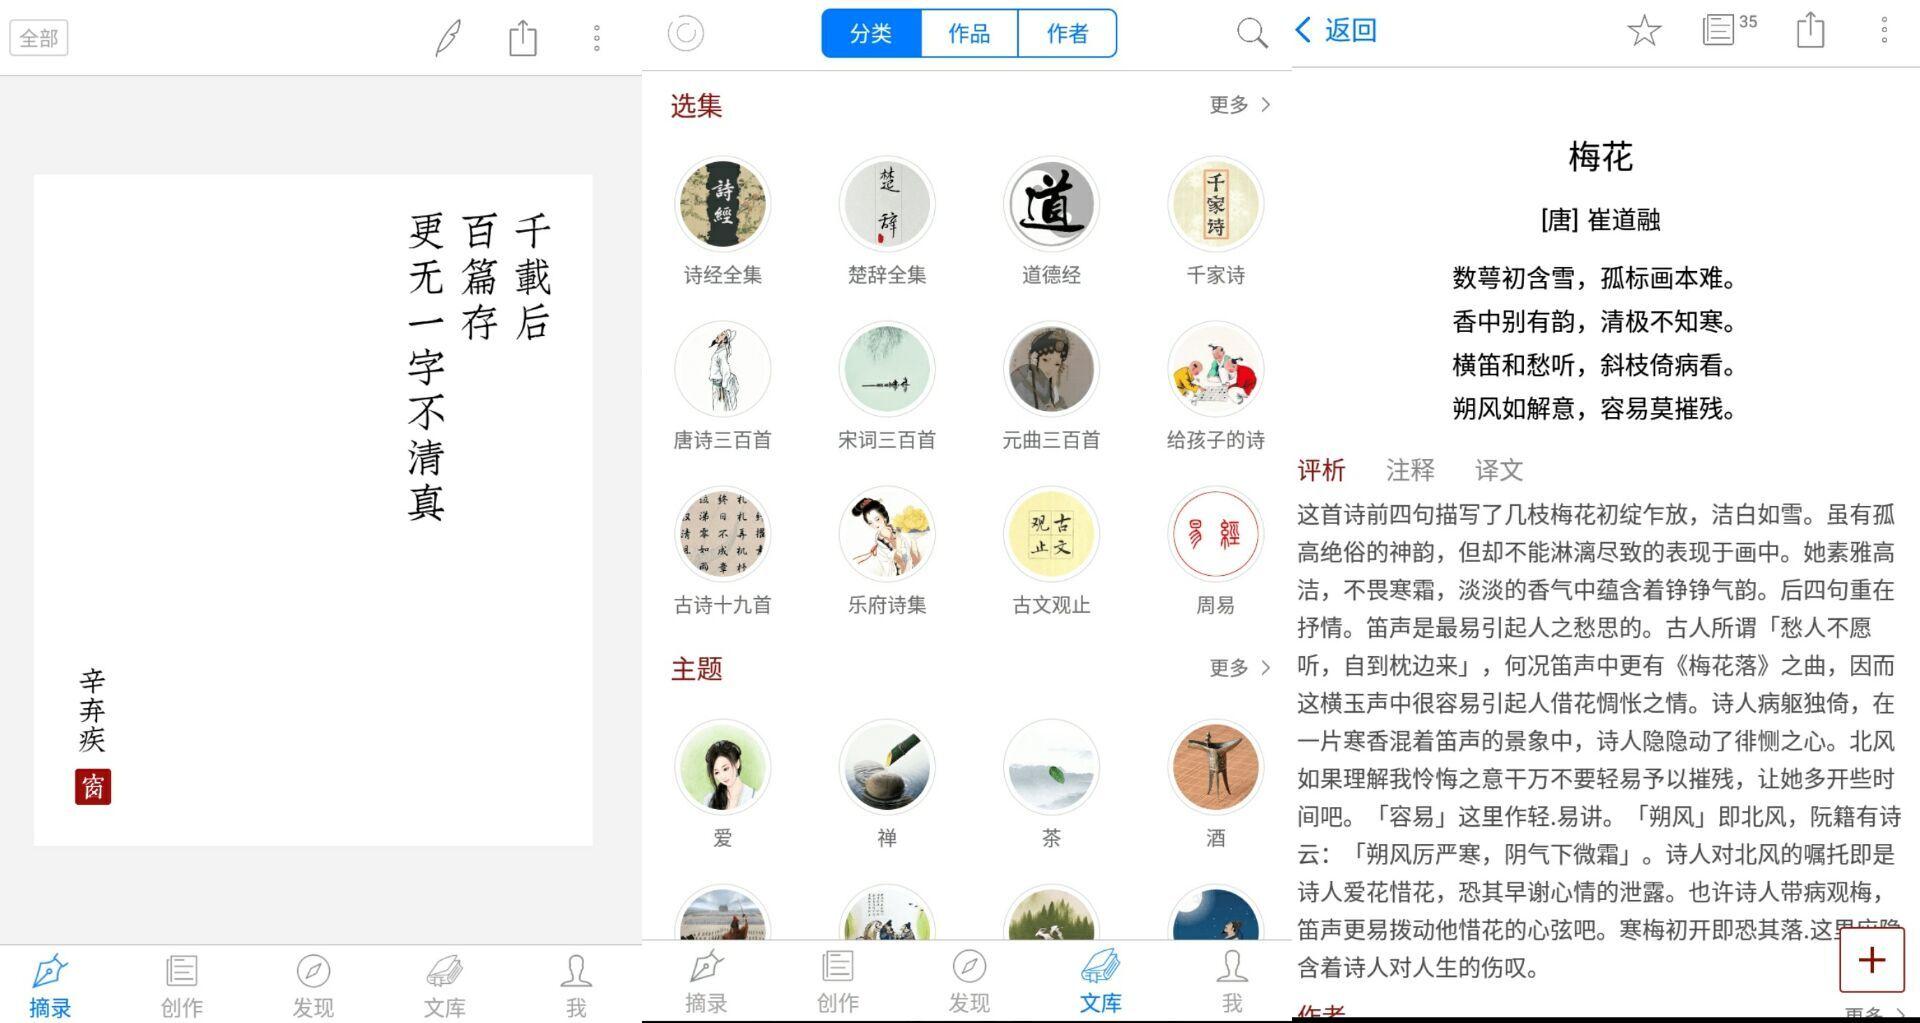 西窗烛(解锁vip/中国上下五千年历史,您真正的了解中国吗?)